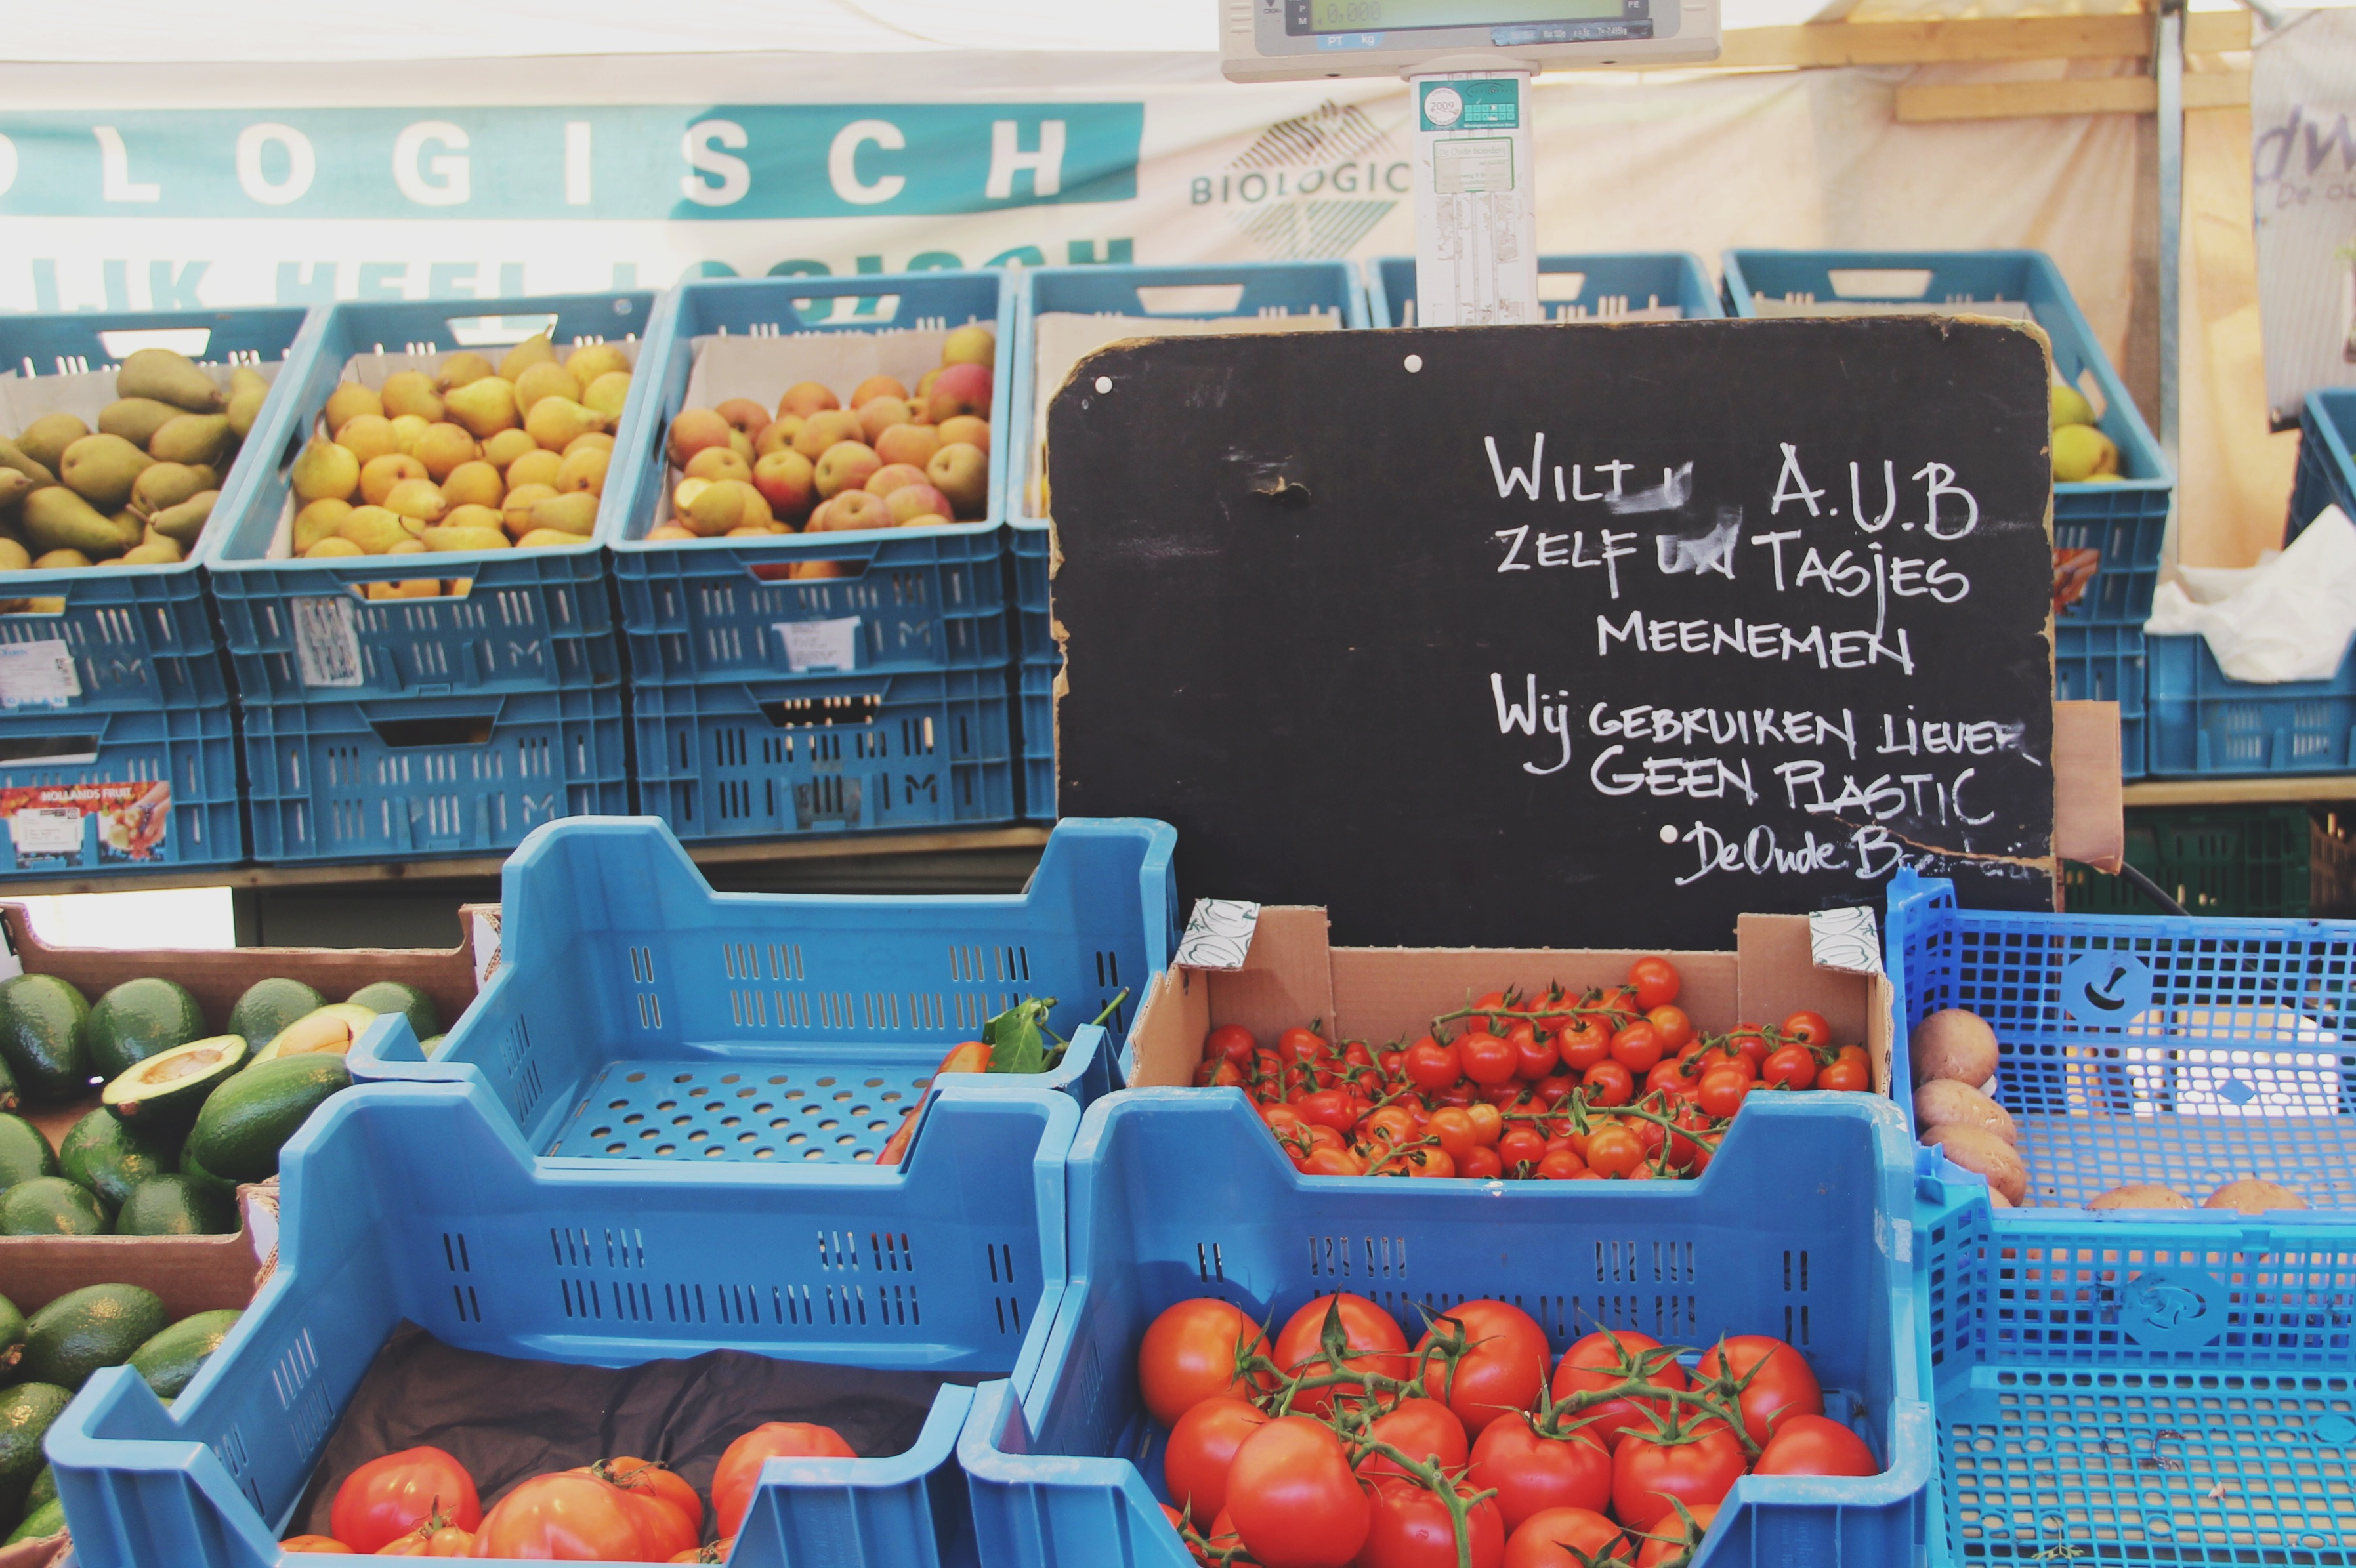 Biologische markten Amsterdam - 7